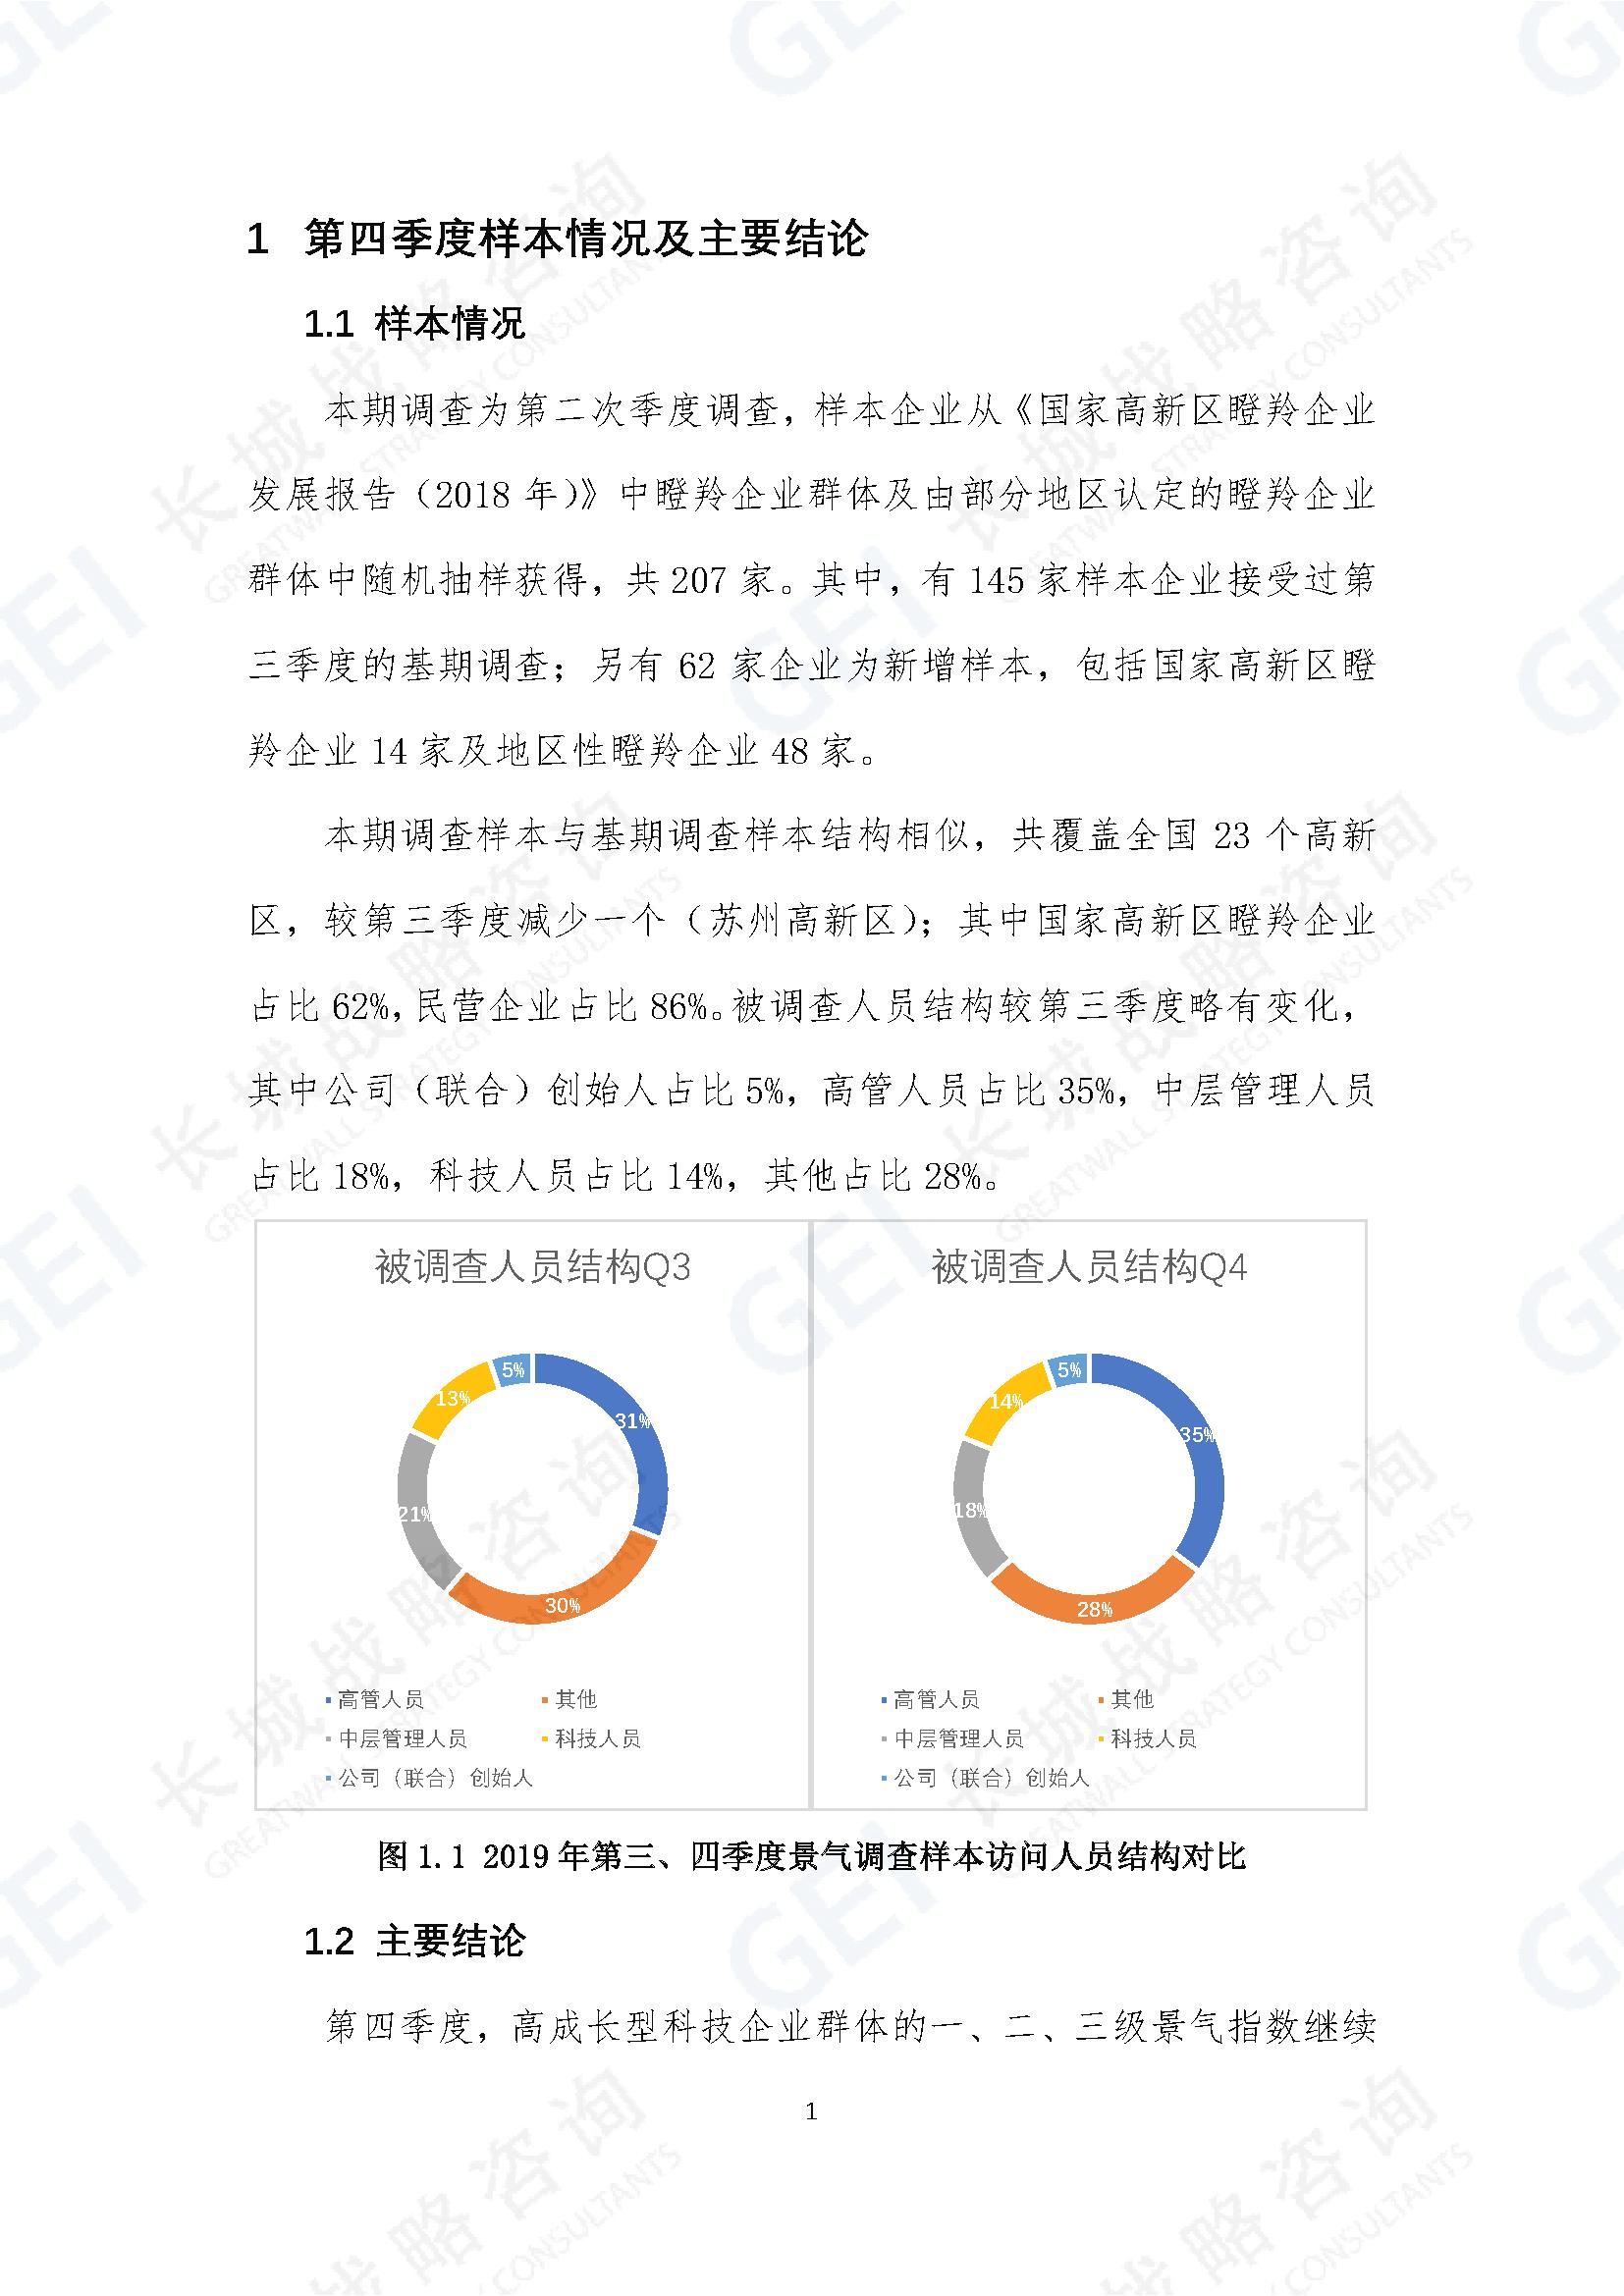 20200428v.2瞪羚云平台发布:高成长型科技企业季度景气指数2019Q4调查报告 3.png